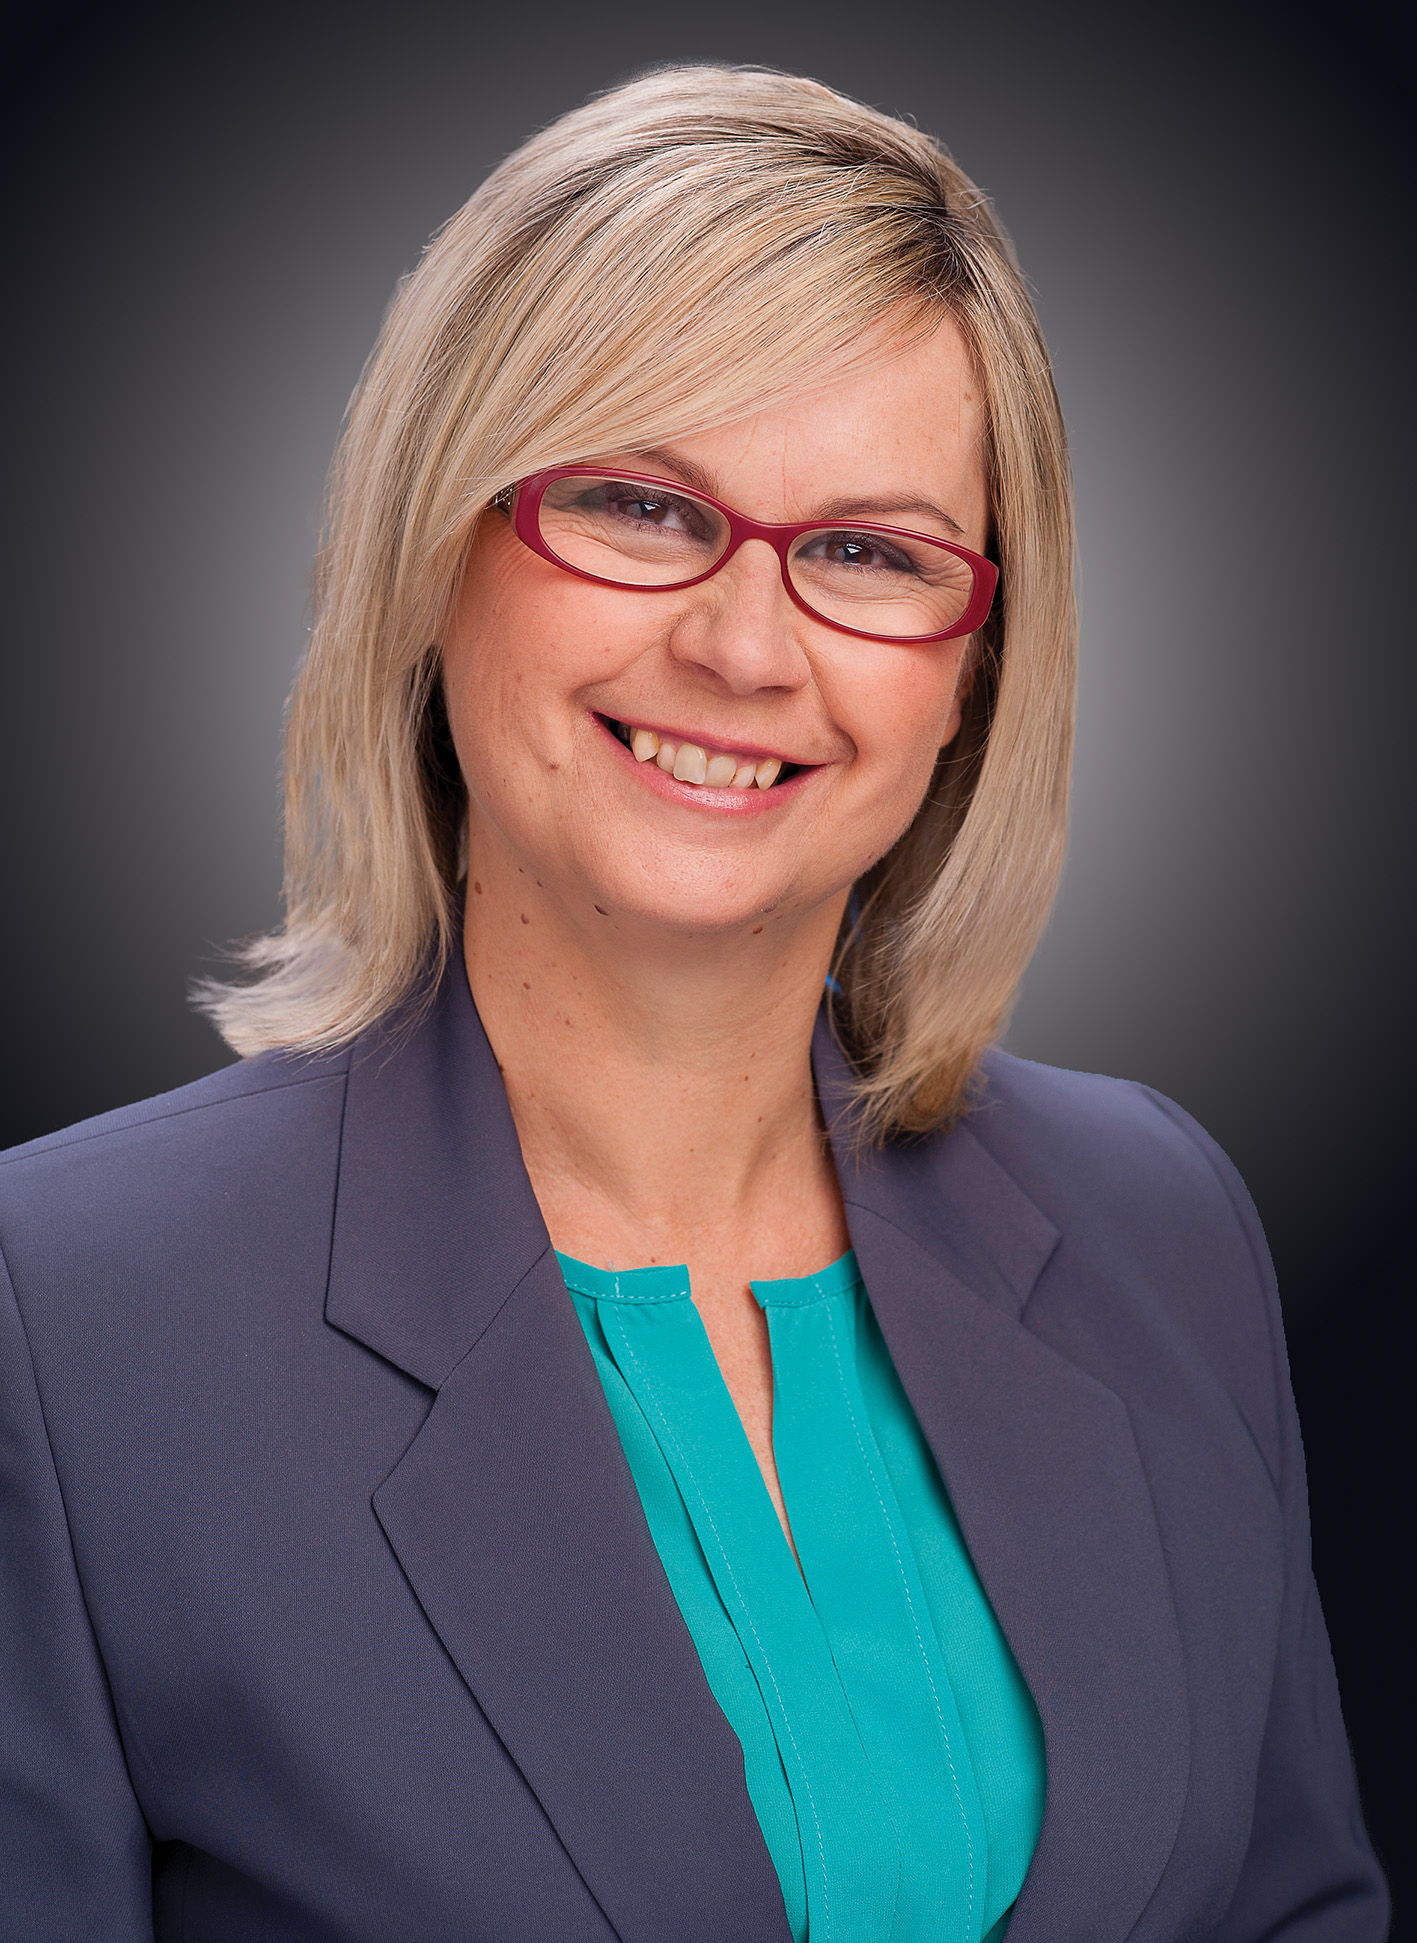 Clare_Scriven_ALP_Candidate_for_LegCo.jpg